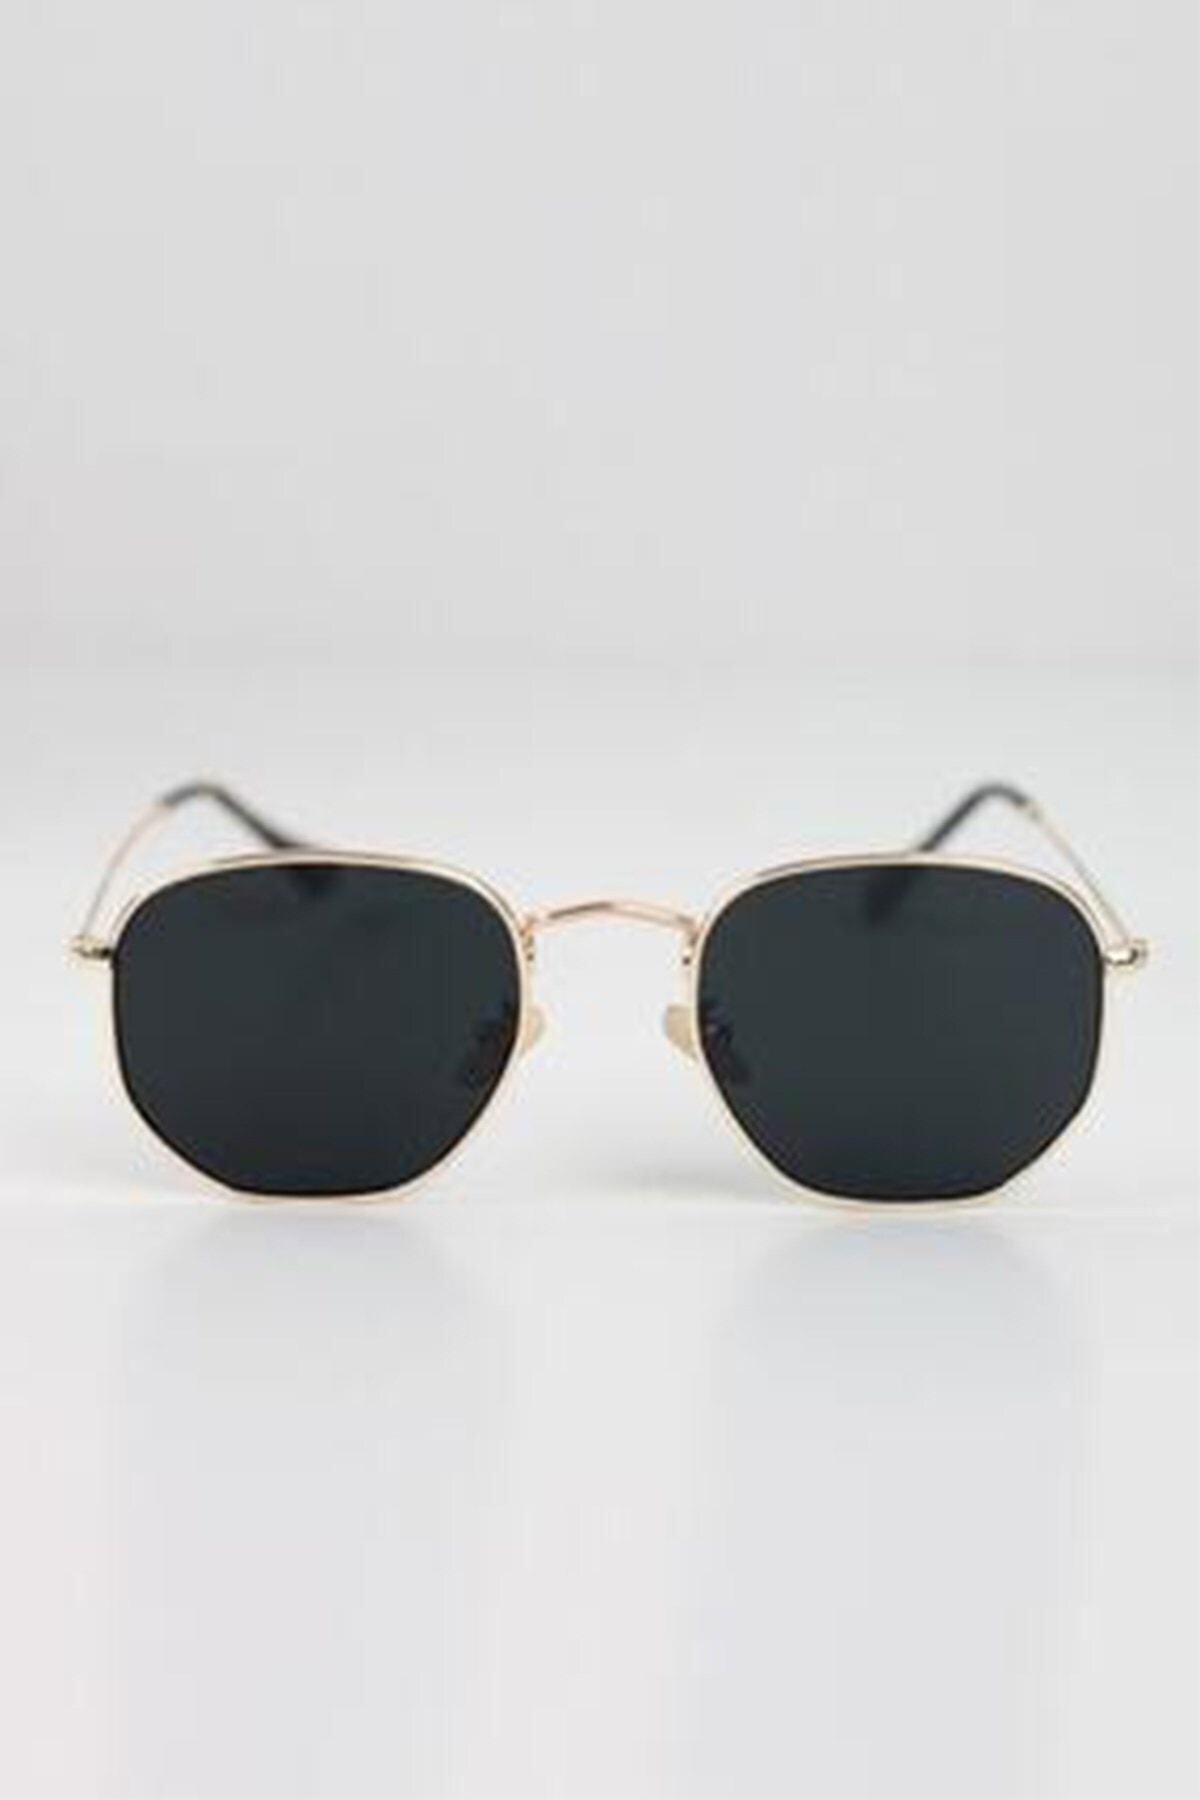 خرید نقدی عینک دودی اسپرت فروشگاه اینترنتی برند Paul Brand رنگ قهوه ای کد ty108577189